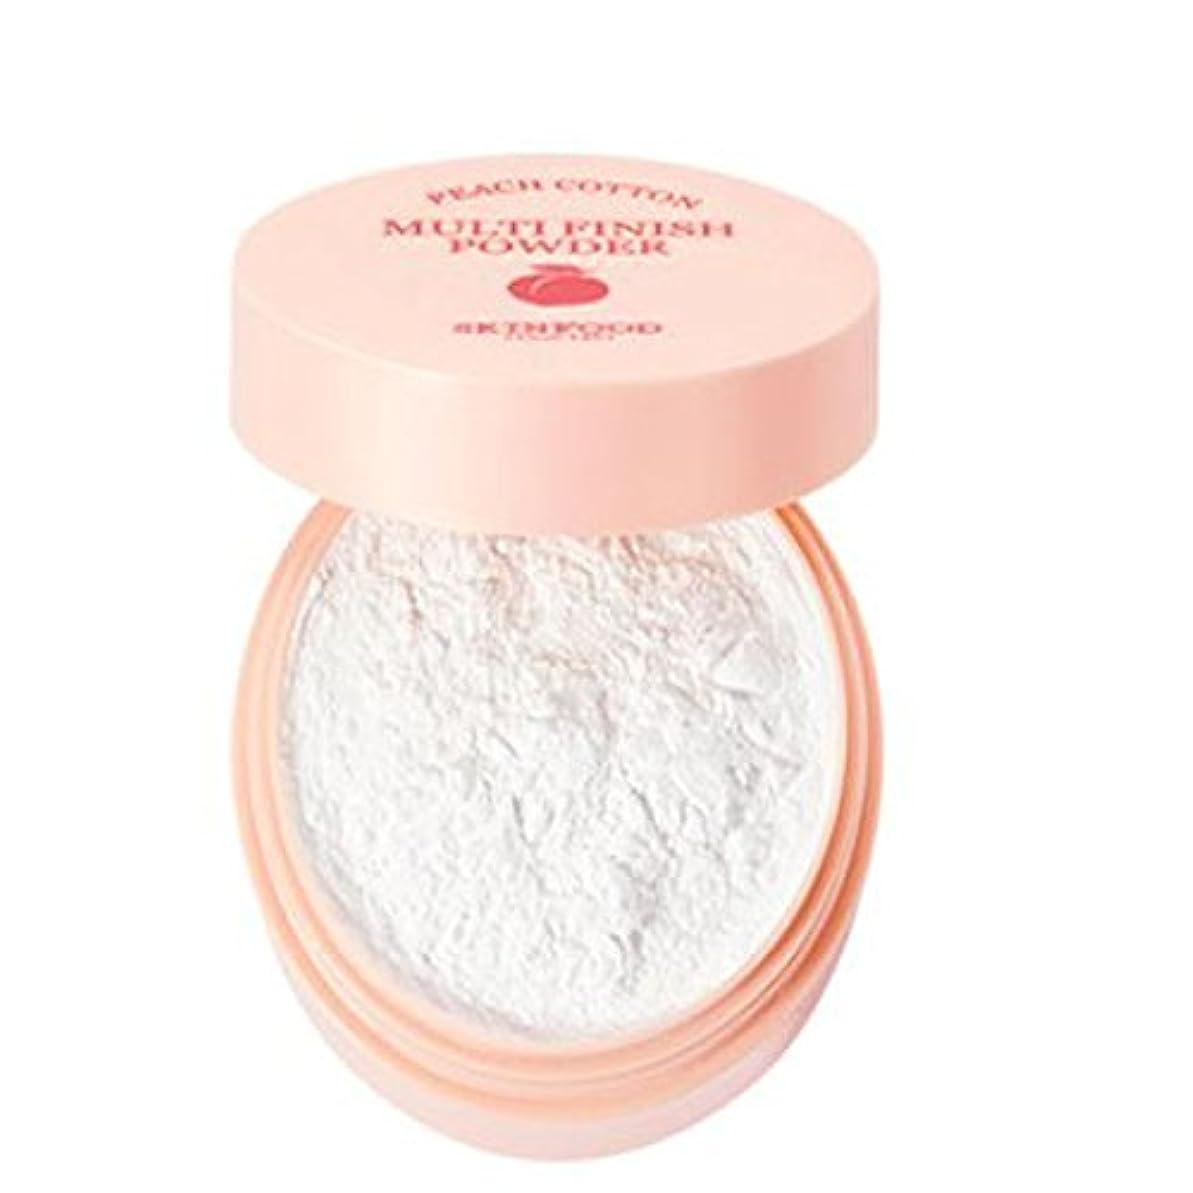 スカリービン謎[SKINFOOD] Peach Cotton Multi Finish Powder ピッチサラッとマルチフィニッシュパウダー - 5g